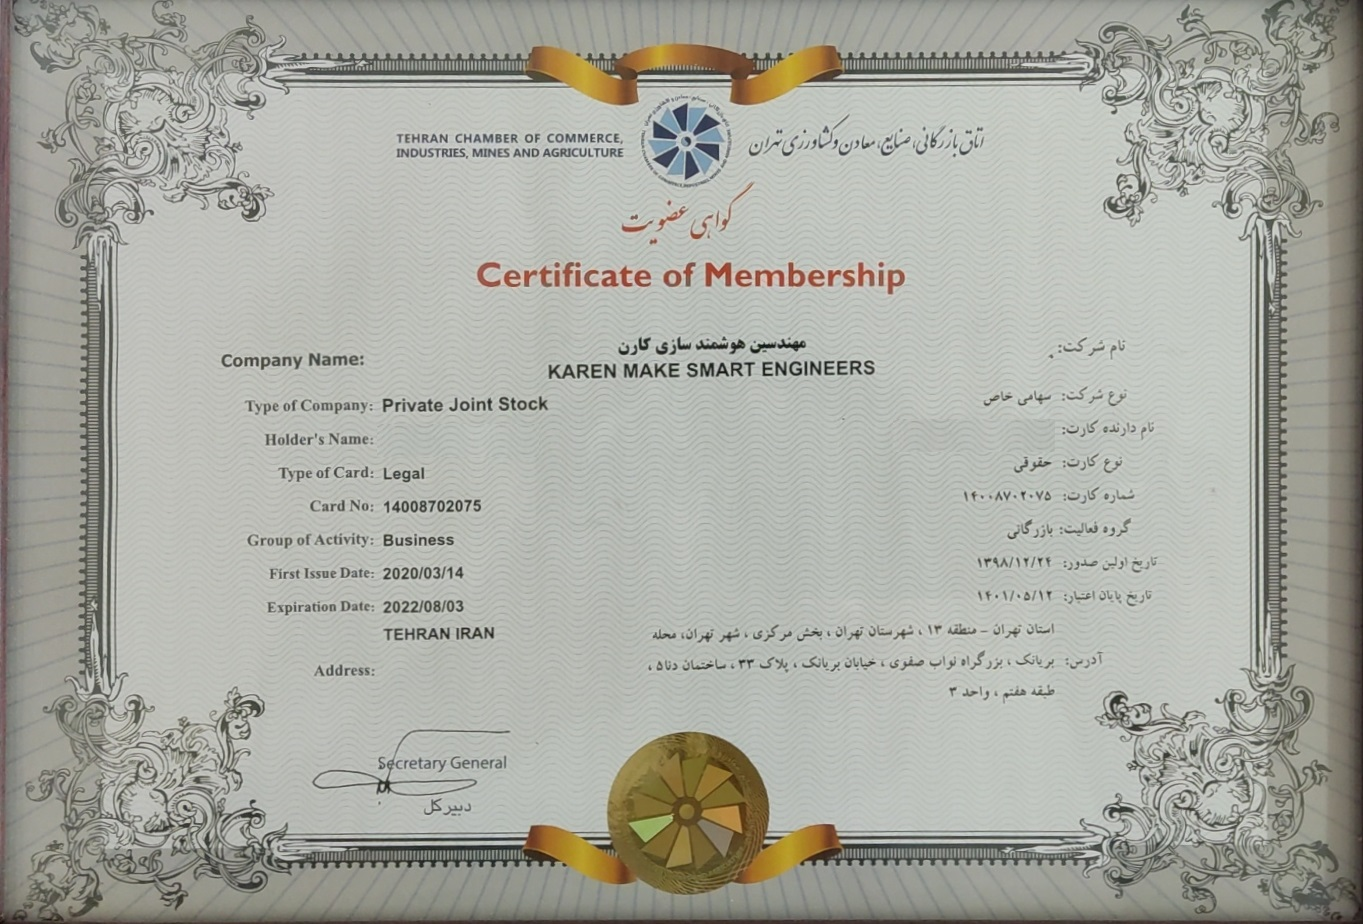 عضویت اتاق بازرگانی شرکت کارن